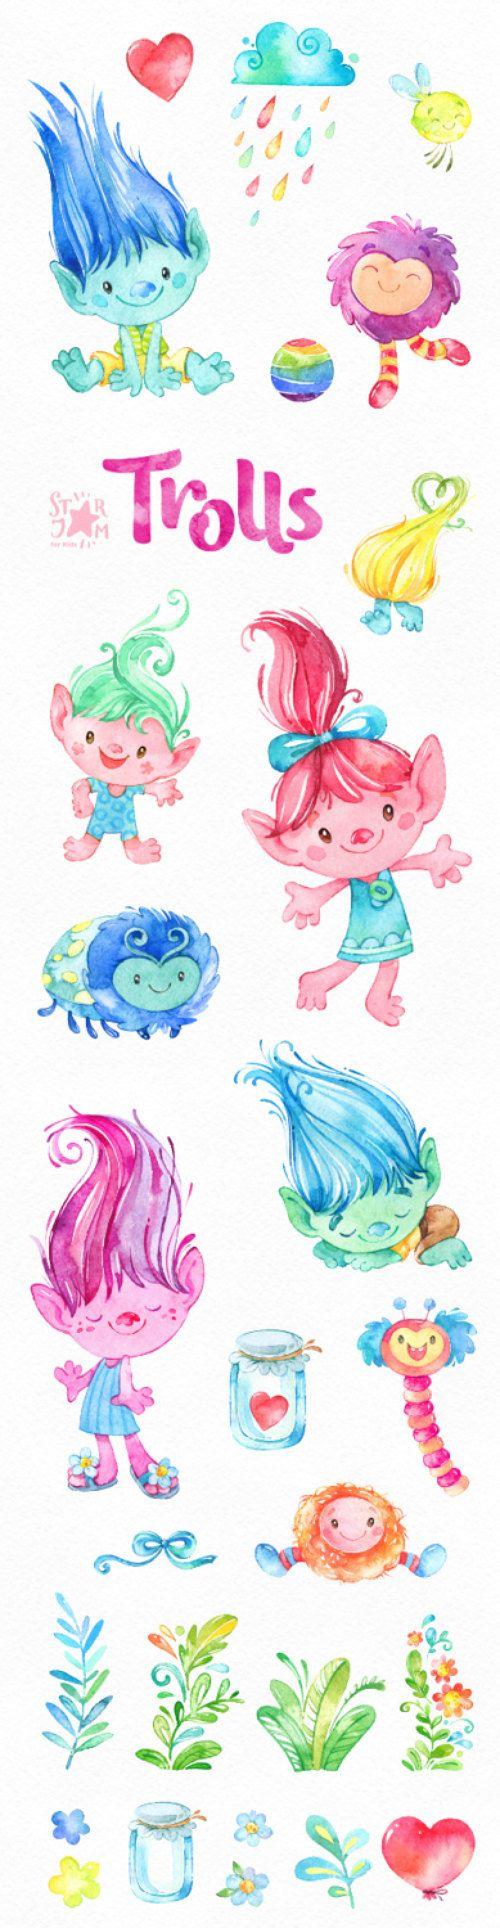 Trolls Watercolor Clip Art Cute Characters Poppy Dolls